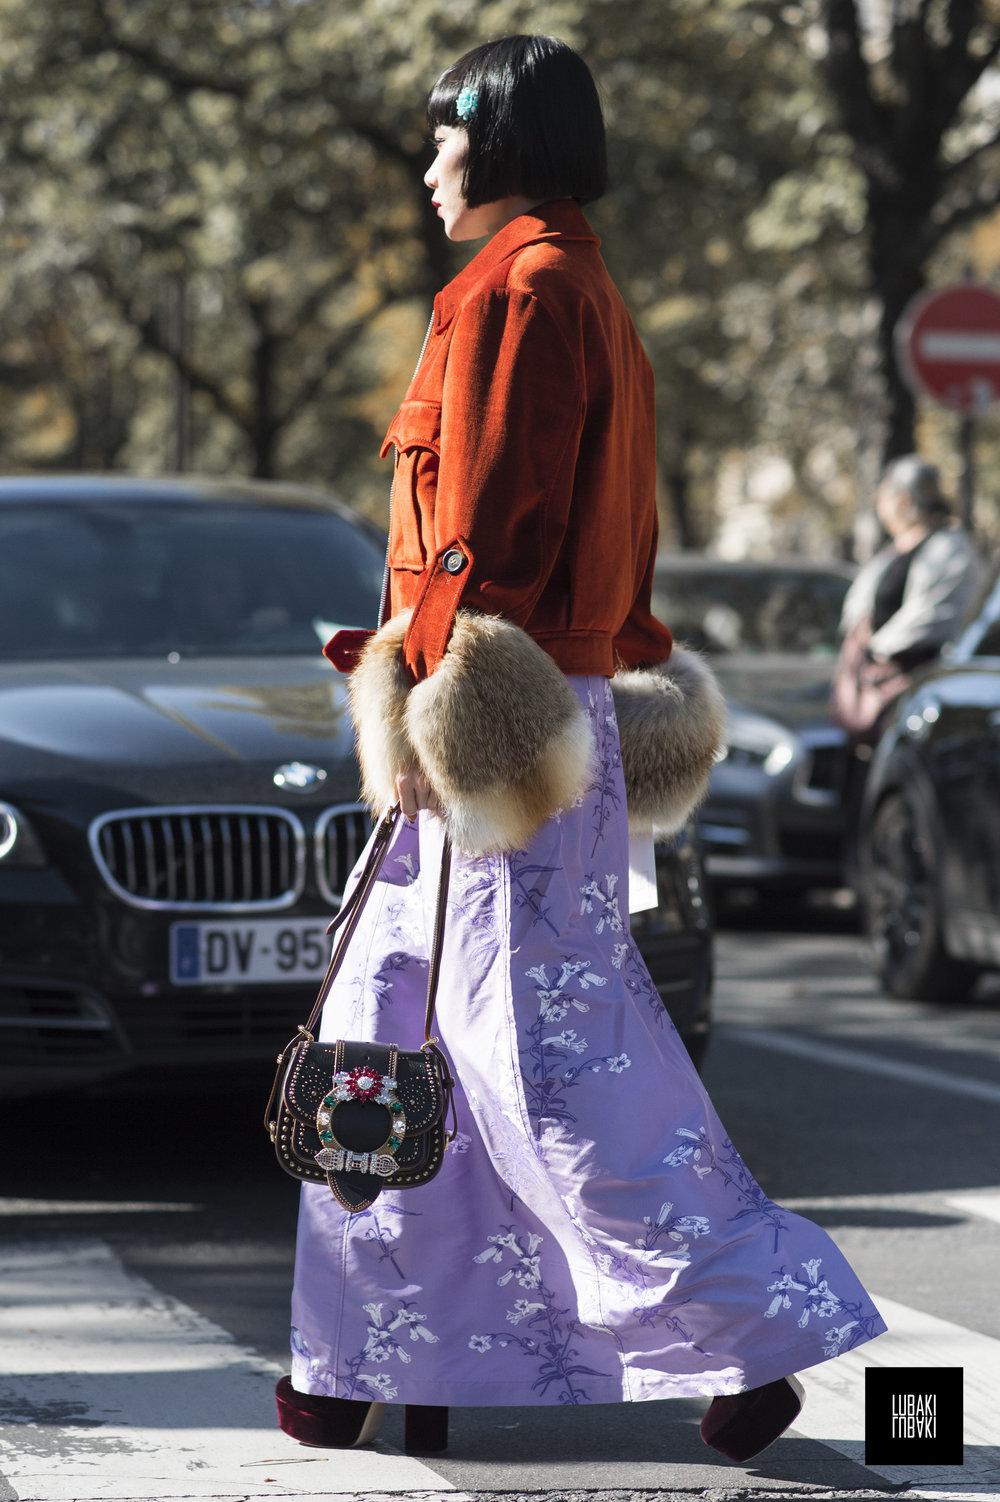 Mademoiselle Yulia - Paris